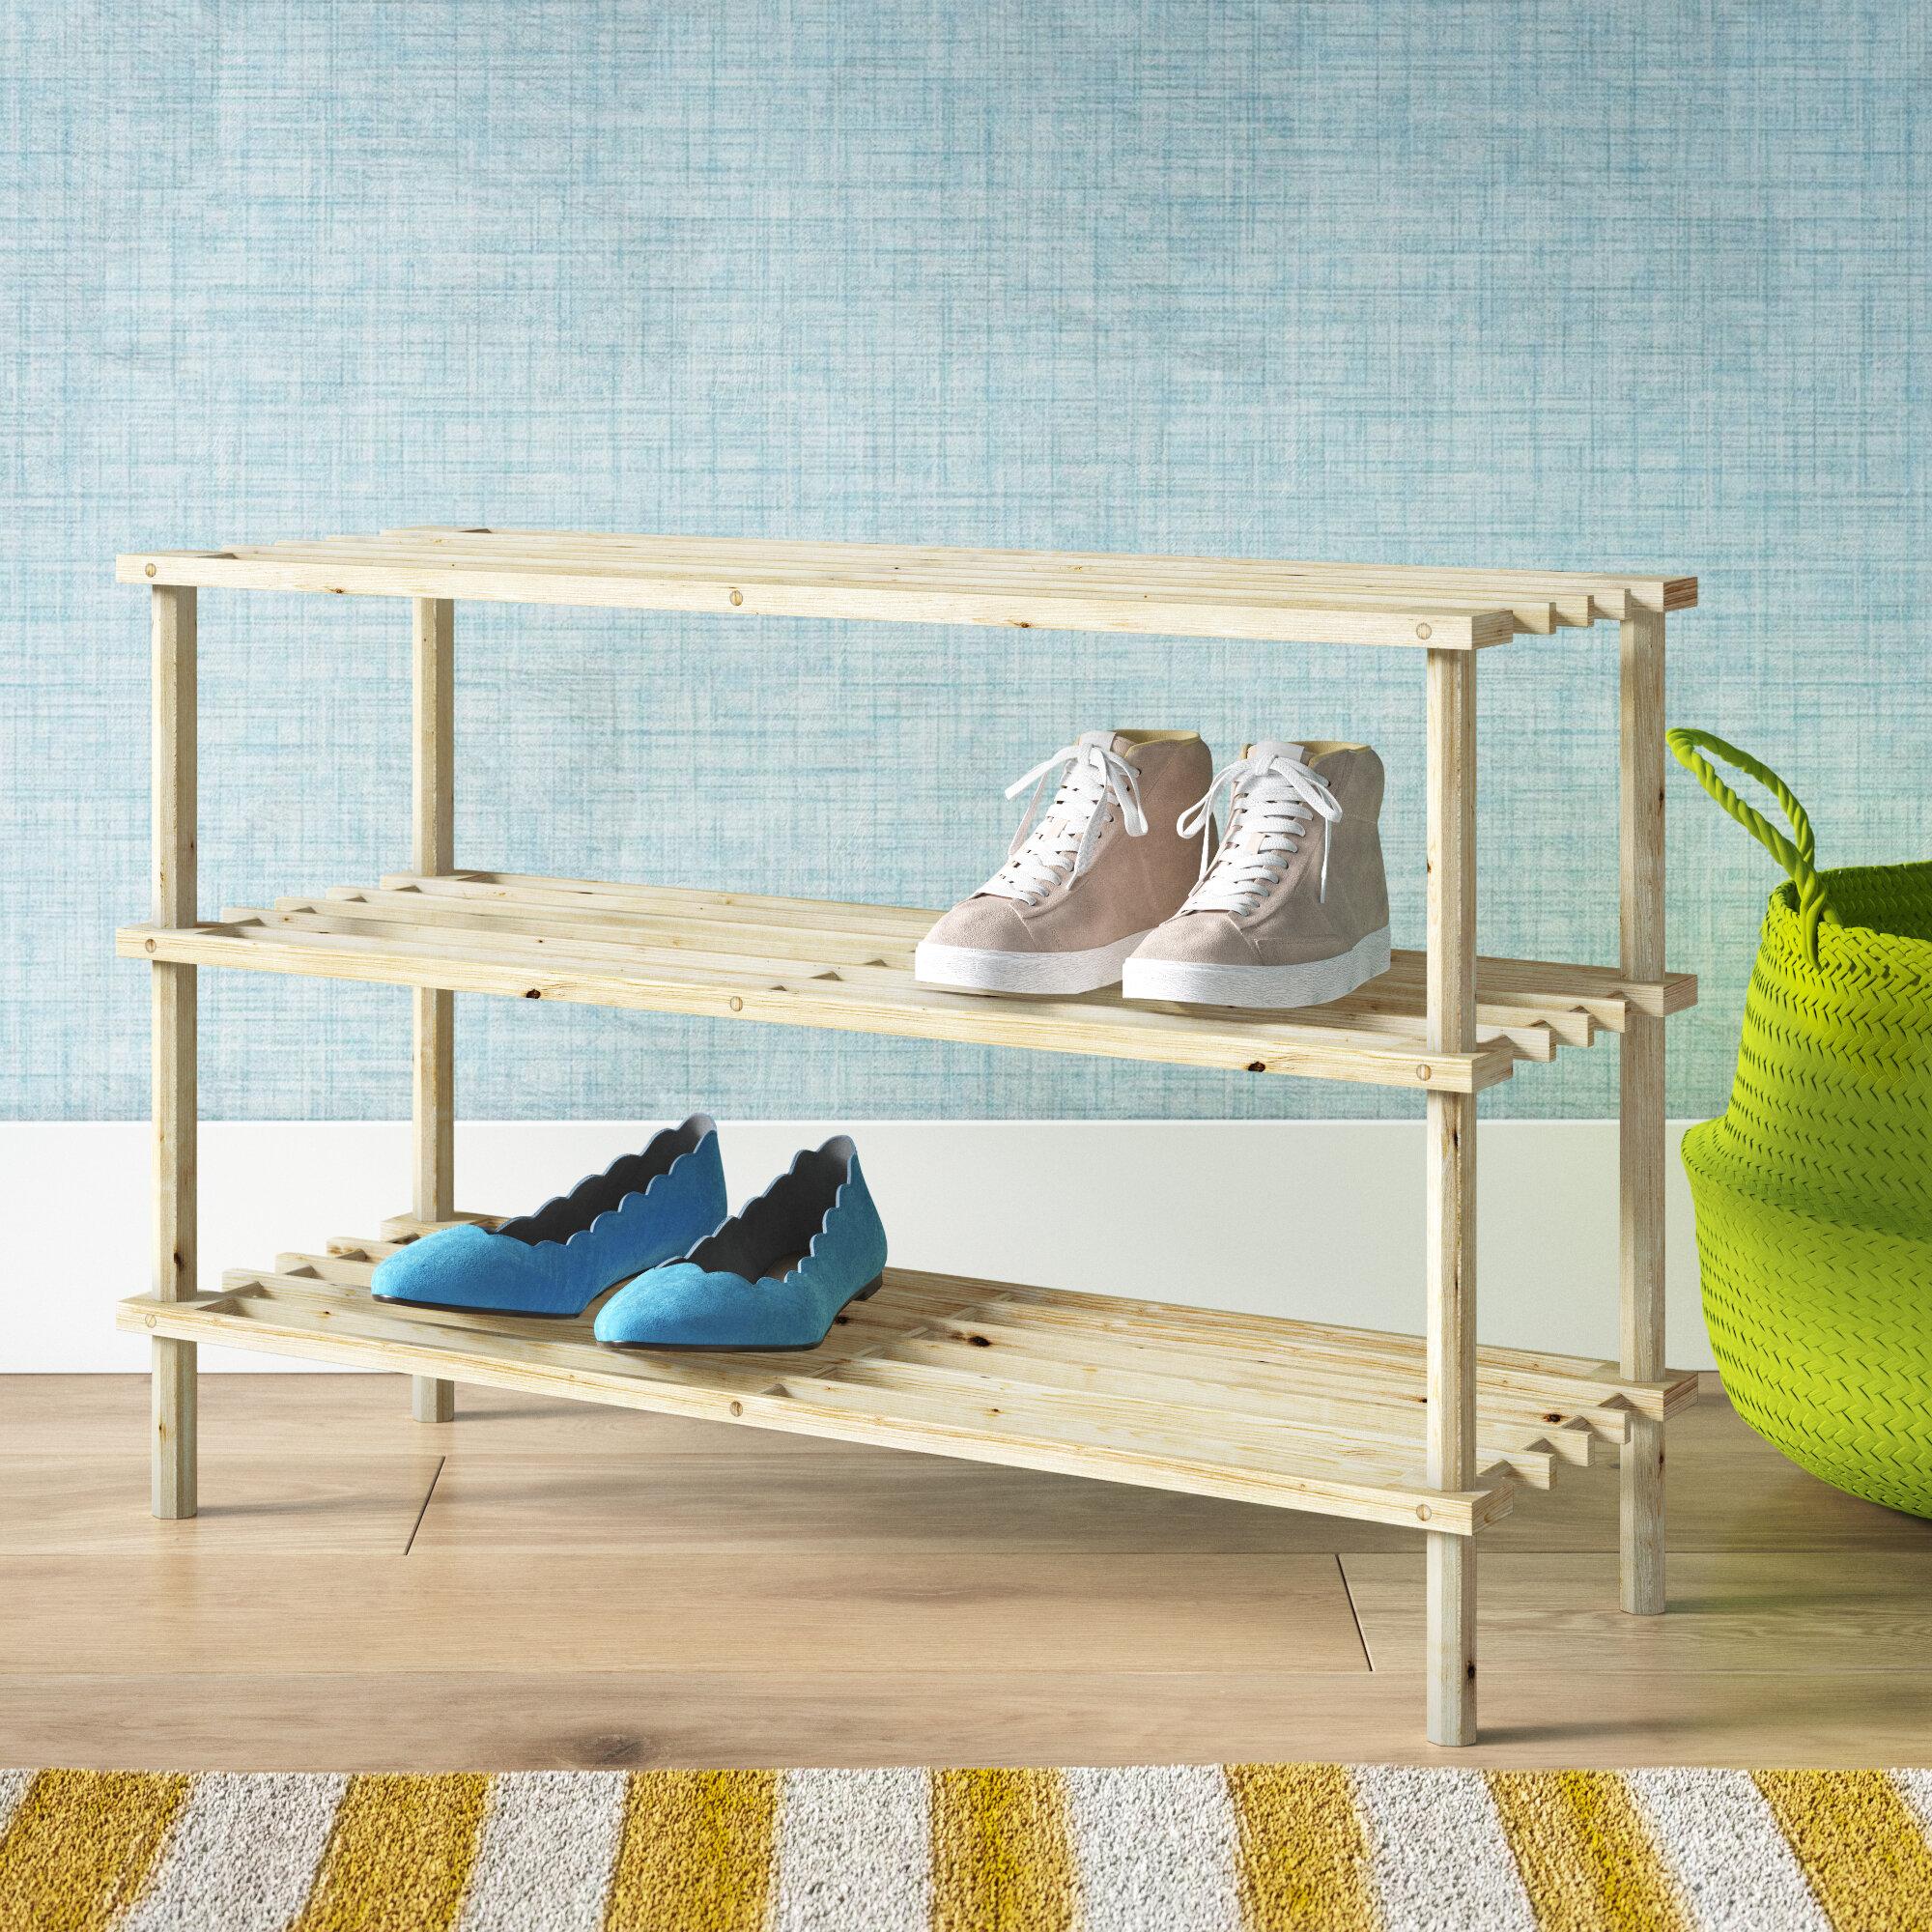 Wayfair Basics 12 Pair Shoe Rack Reviews Wayfair